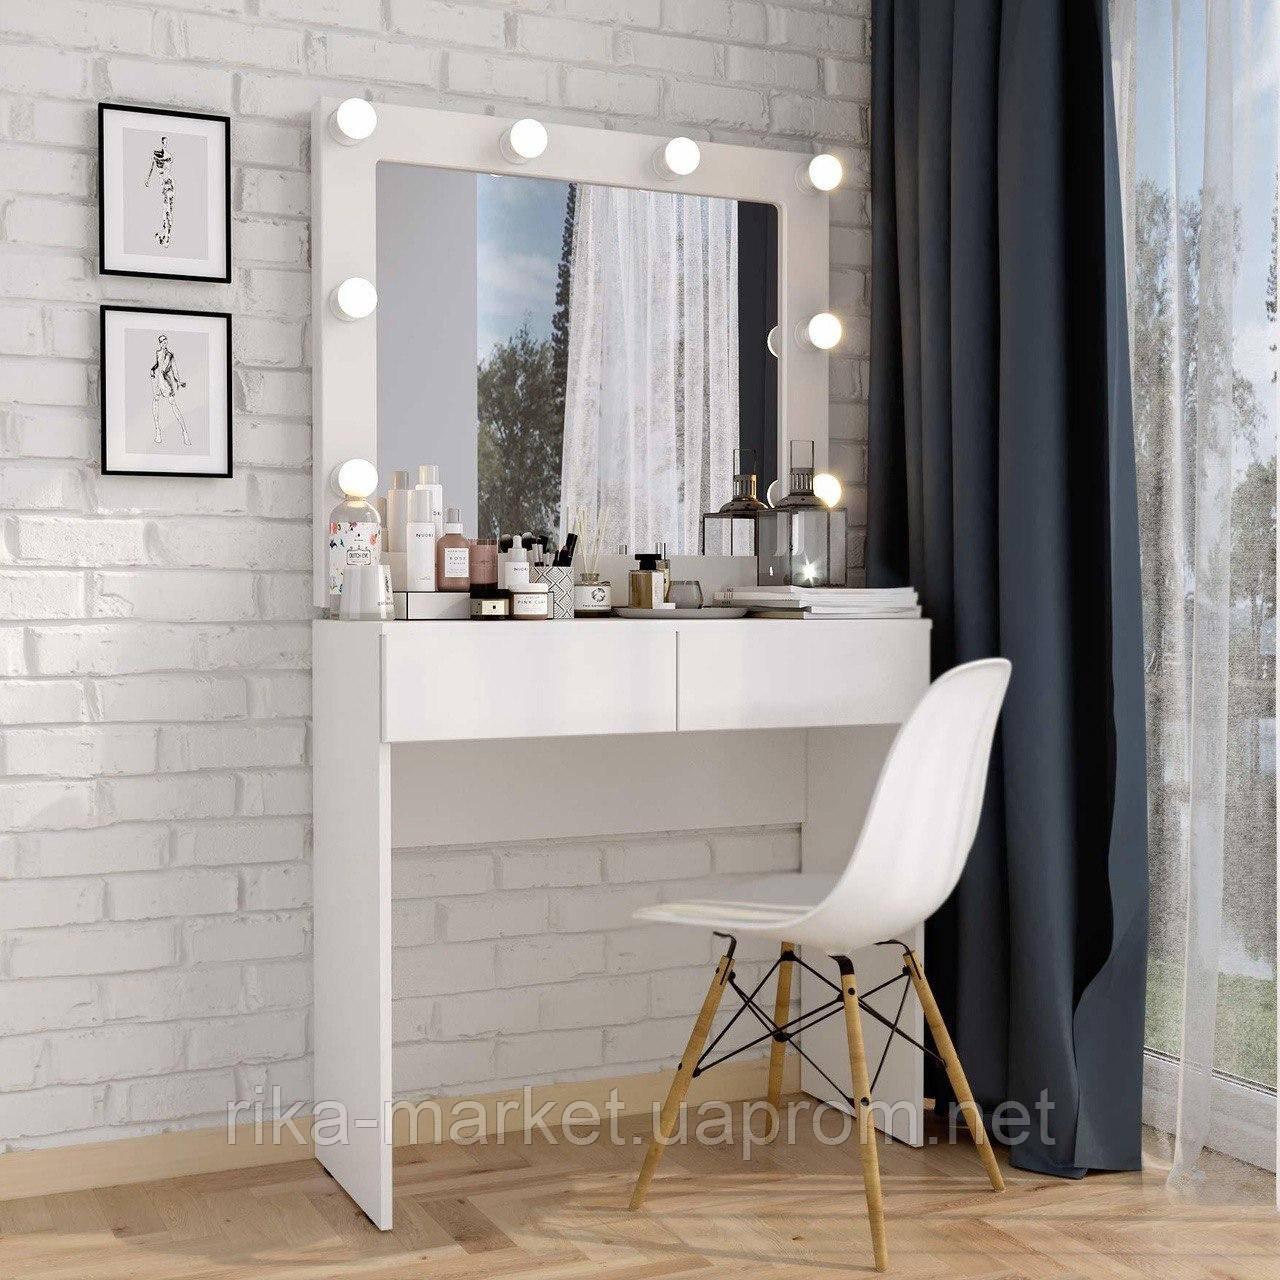 Стол для визажа 100*100 см,столик для спальни